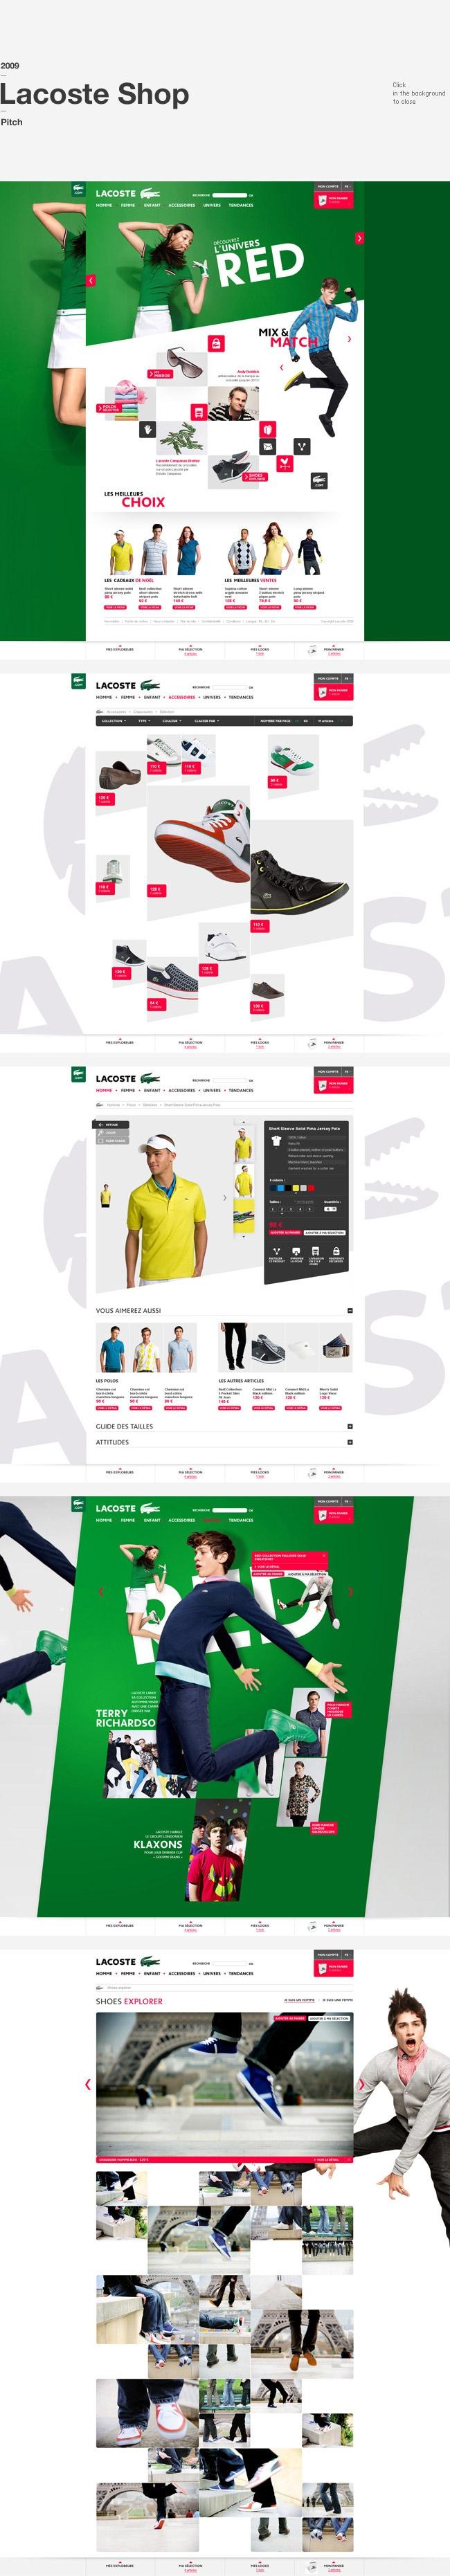 lacoste #webdesign #website #ecommerce